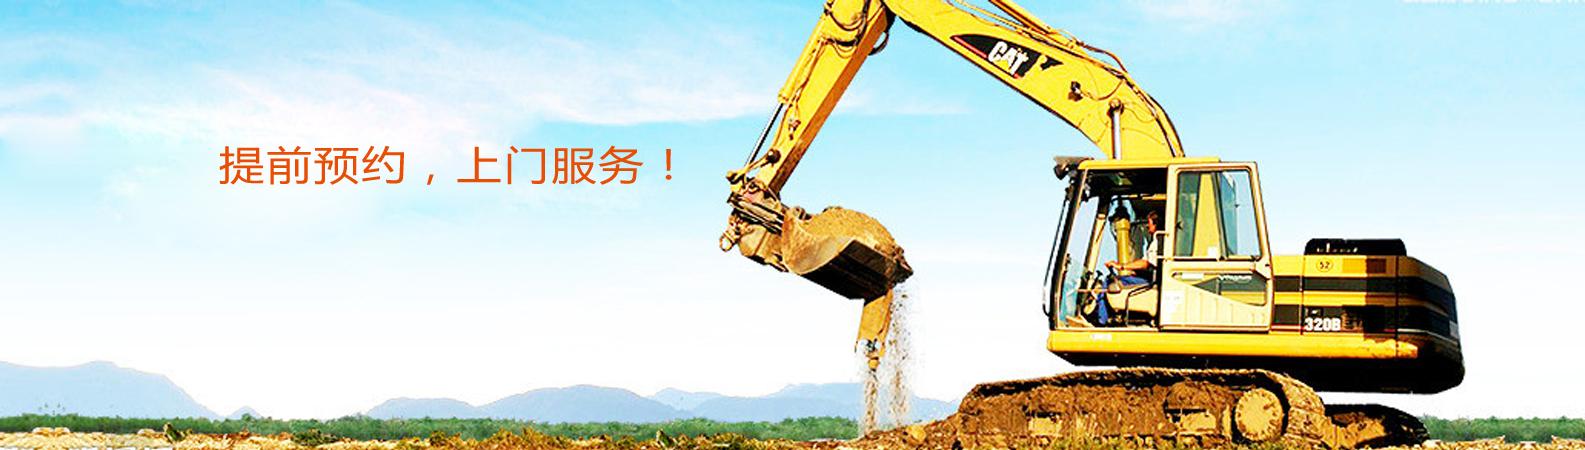 简述云南挖掘机维修厂如何对挖掘机用液压锤的合理选配及安装